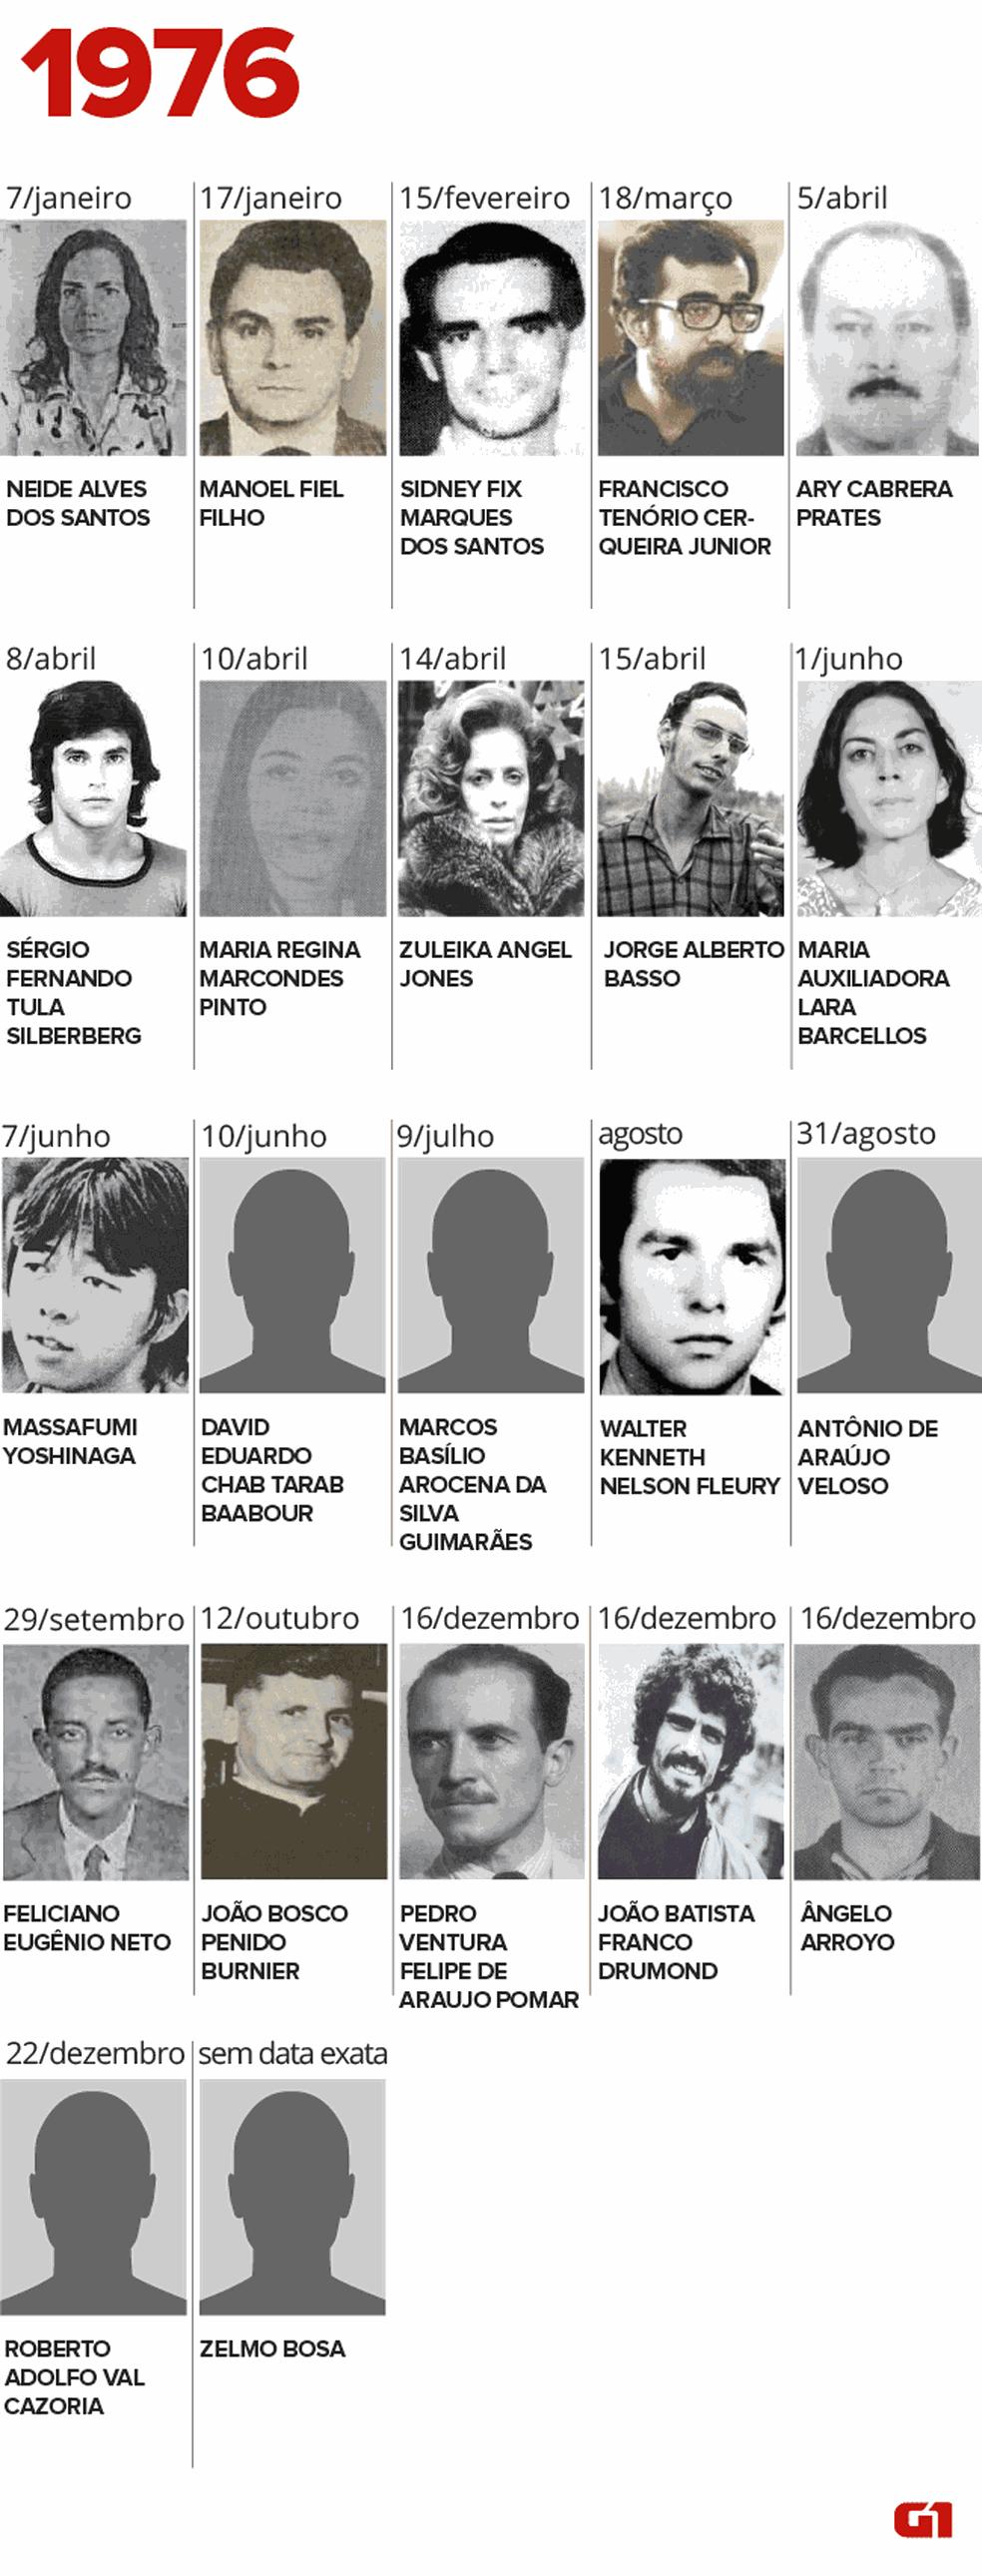 Desparecidos e mortos pela ditadura em 1976 (Foto: Igor Estrella/G1)